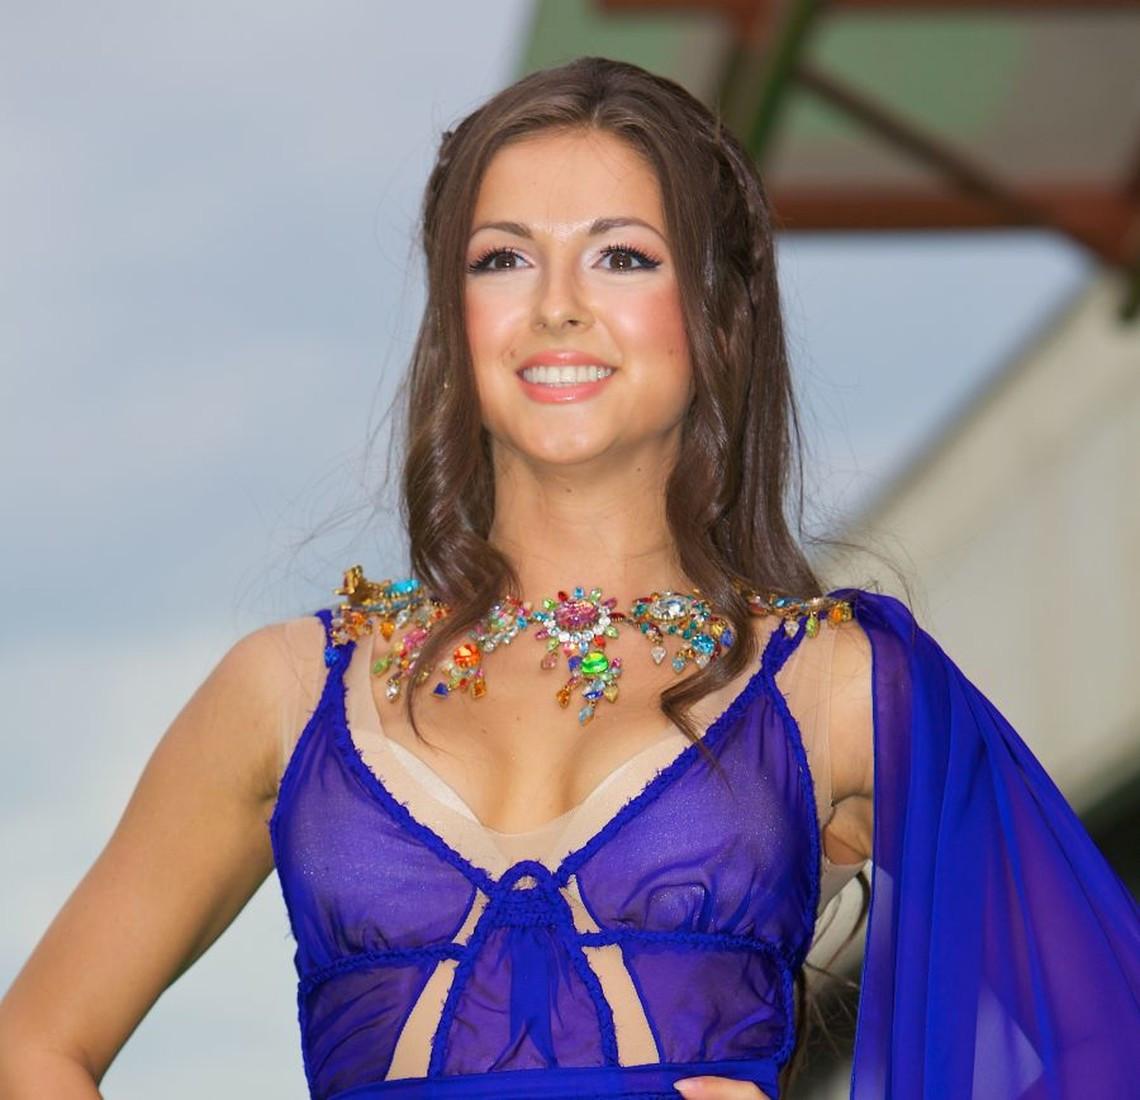 Эстрадная певица Нюша эротично станцевала тверк ради благотворительности